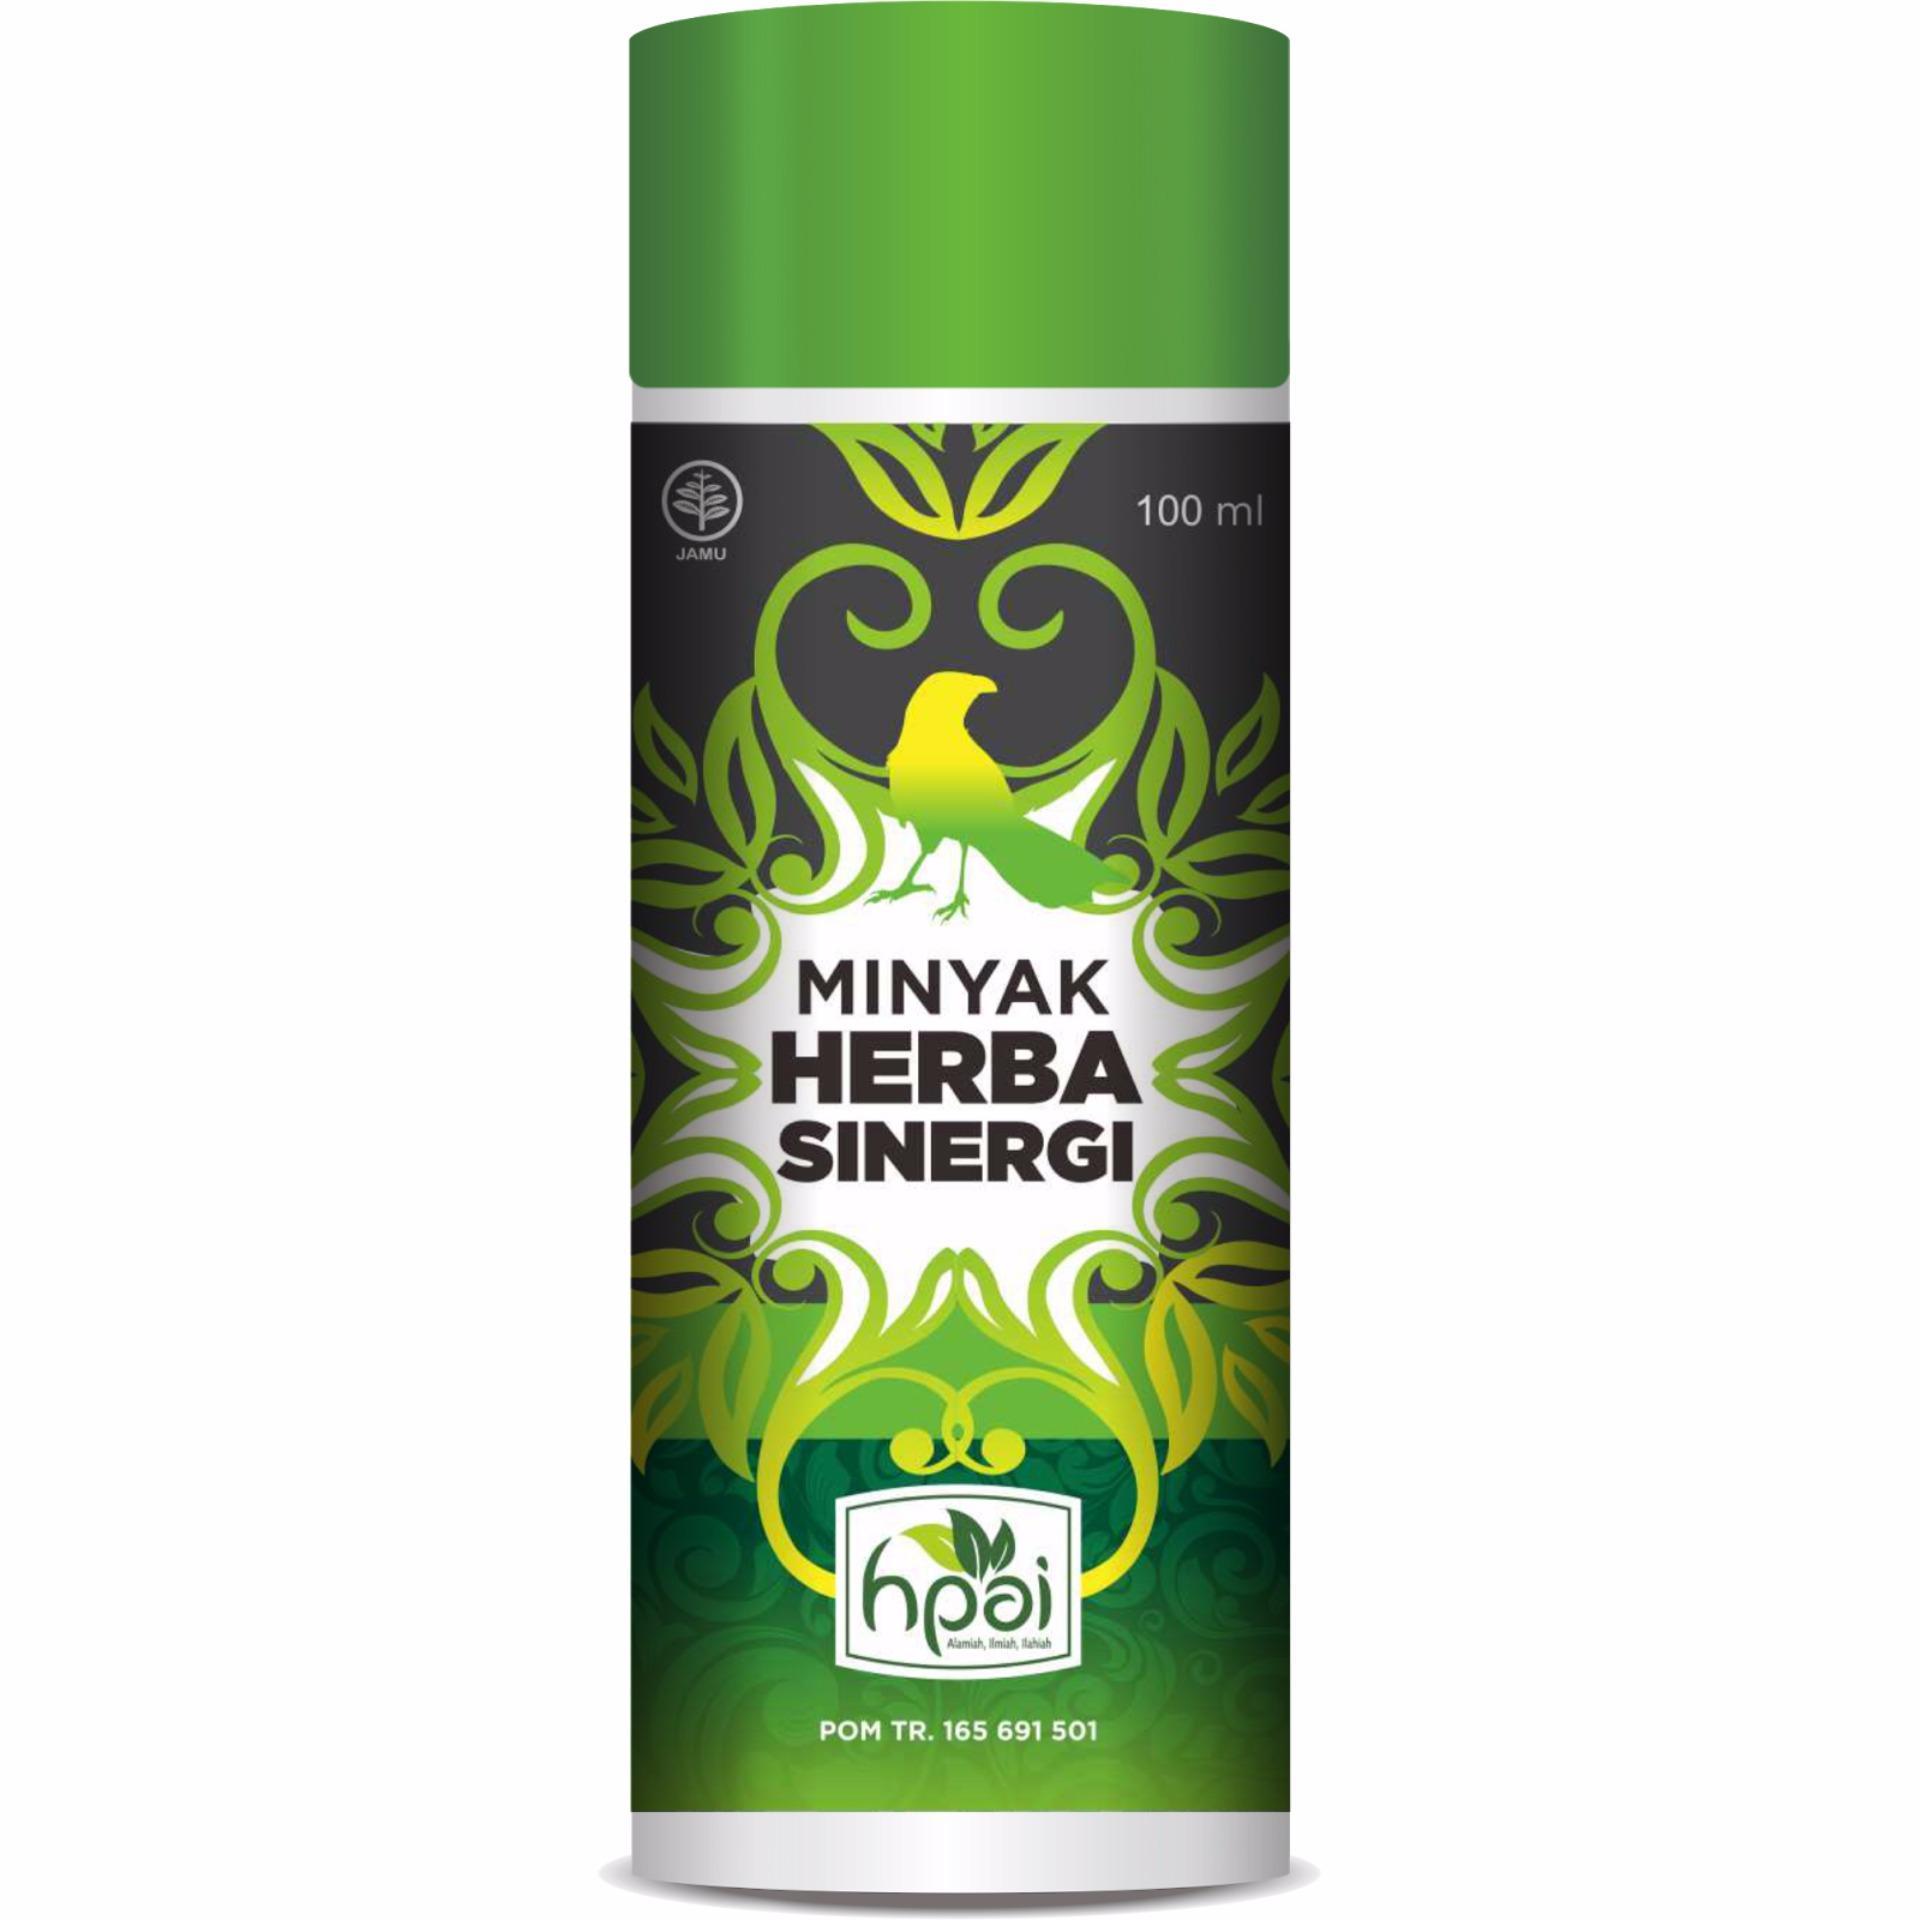 Garam Lososa Murah Rendah Natrium 250gram 2pcs4 Lihat Daftar Harga 500gr Dr Pure Spa Strawberry Refill Update Source